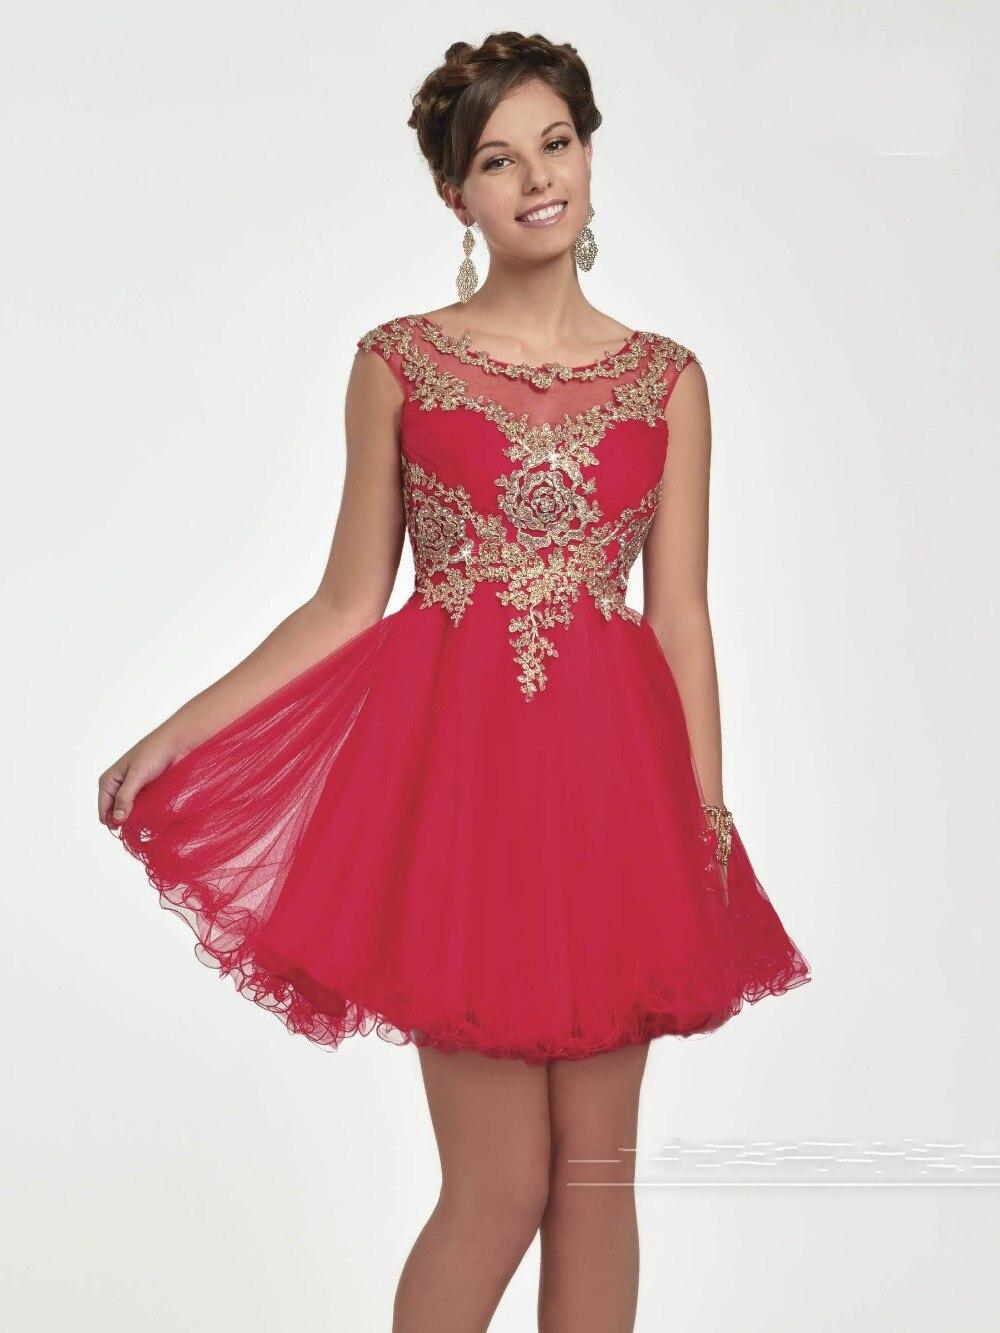 Kurze Heimkehr Kleider Immer Ziemlich Marke As05521wr Einfache Mode Ärmellose Kurze Eine Linie Casual Hochzeit Kleid Weddings & Events